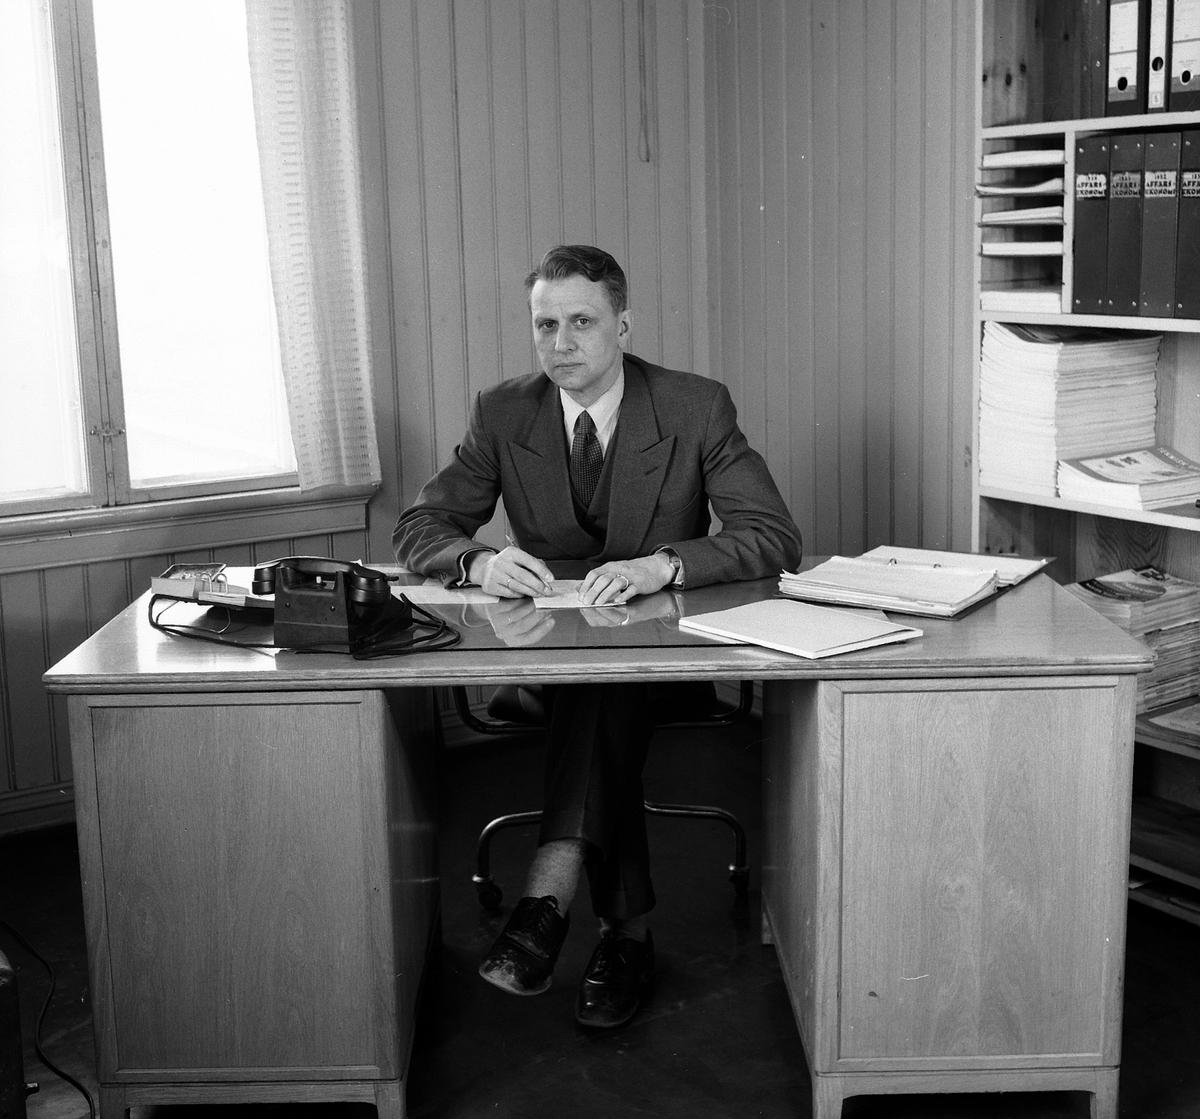 HAMAR JERNSTØPERI OG MEK. VERKSTED, HAM- JERN, ADM. DIREKTØR GJERT SKJELBRED, KONTORINTERIØR, 1955.